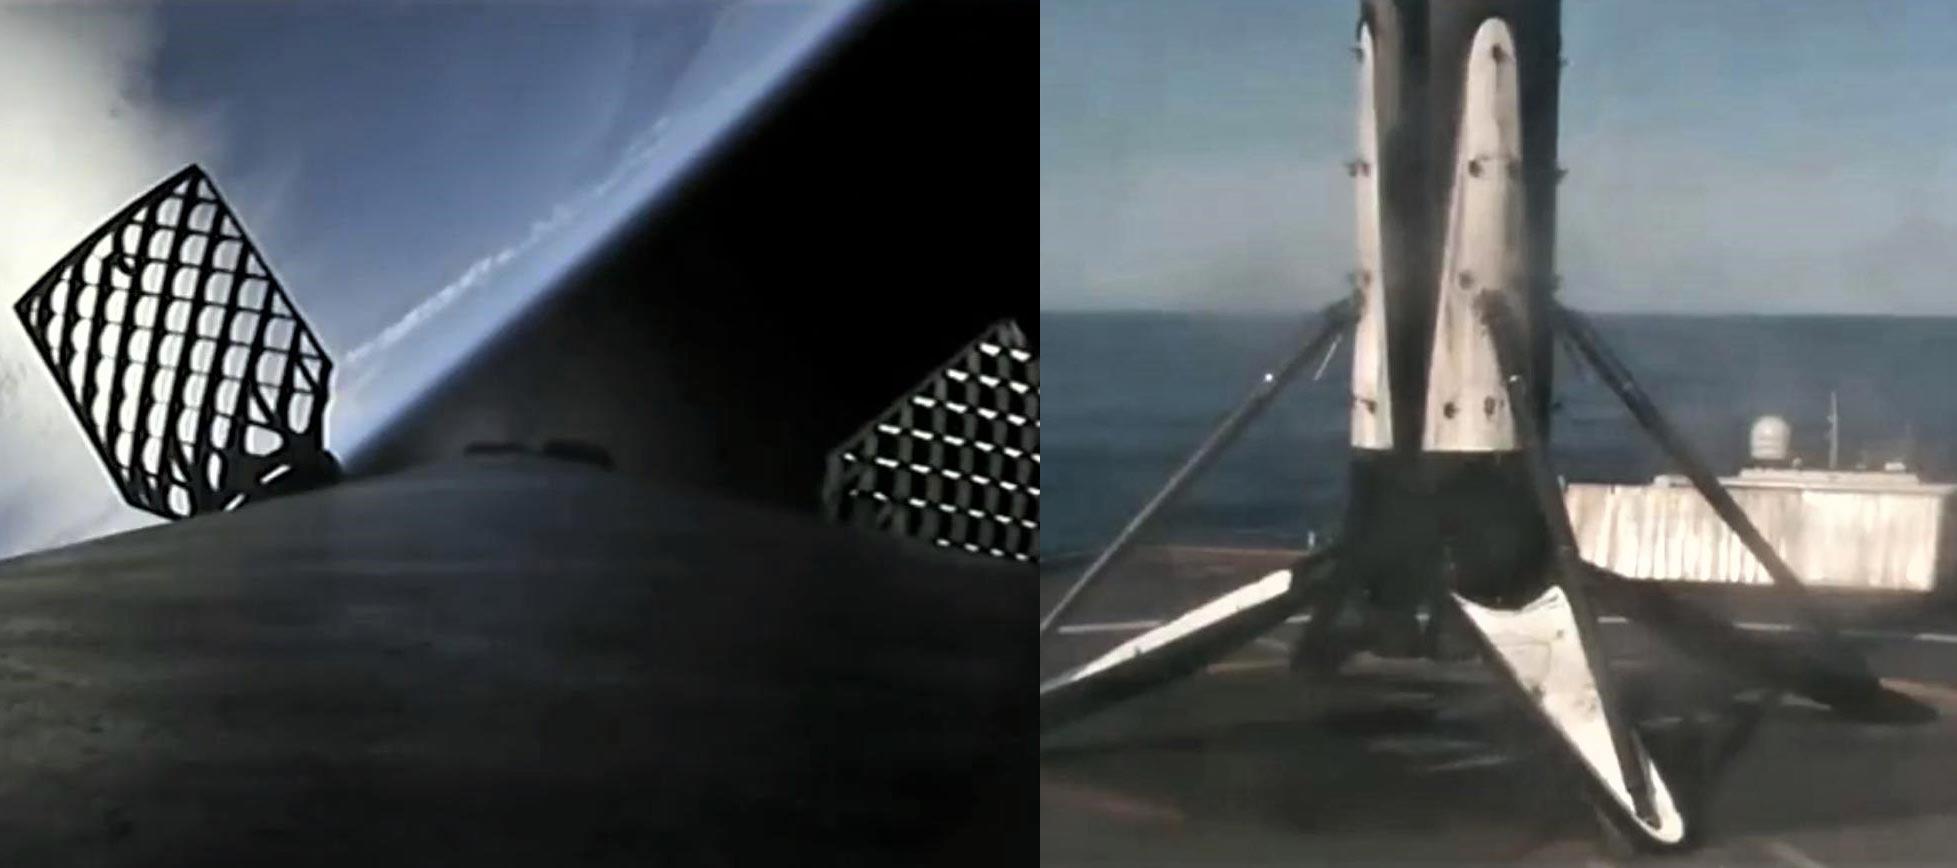 Falcon 9 B1046 SSO-A MECO + boostback (SpaceX)